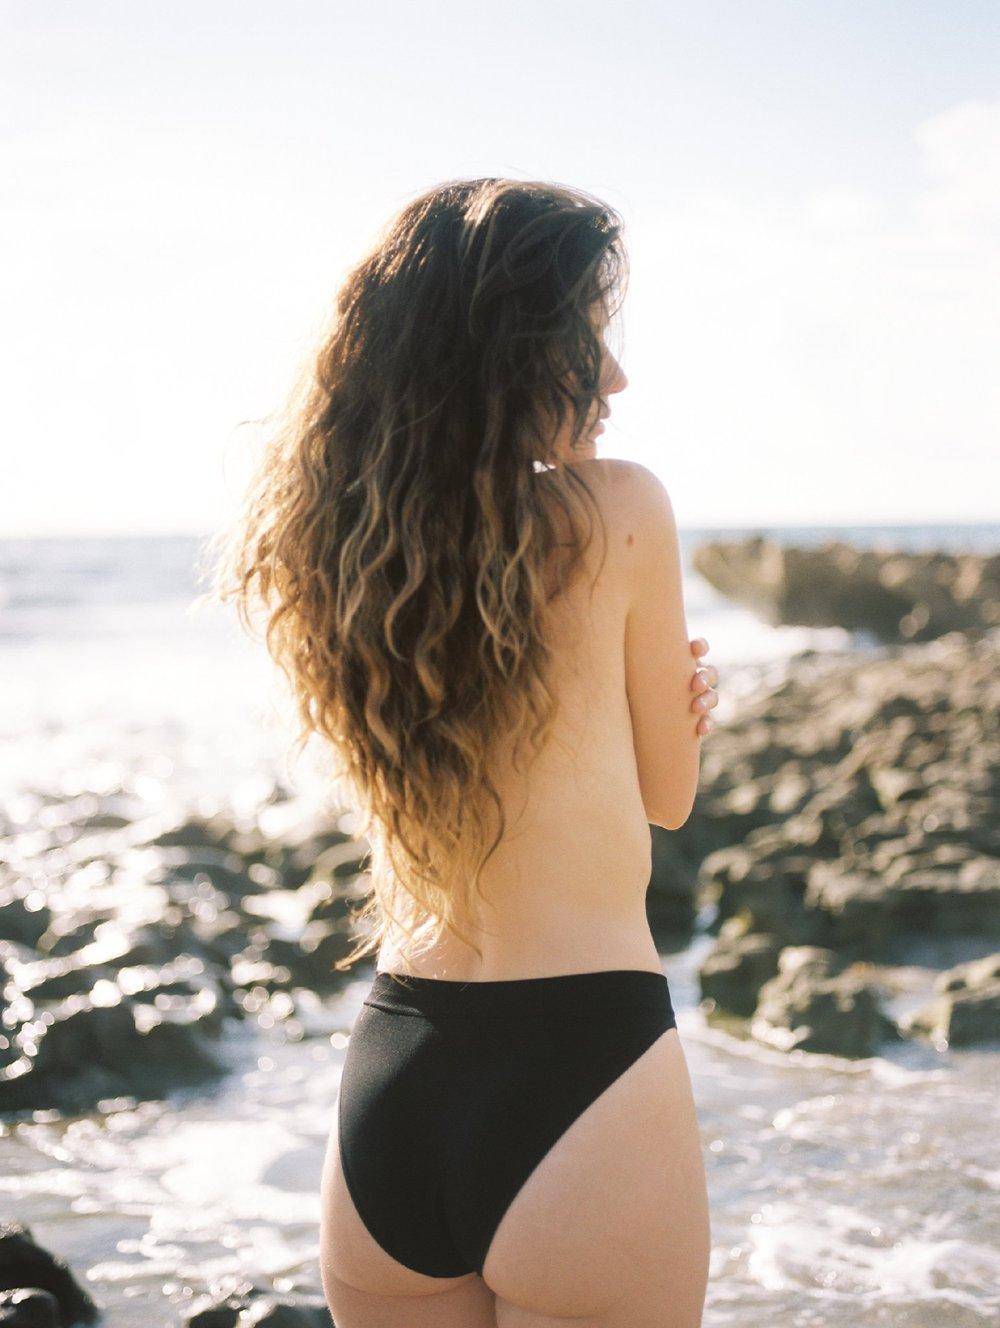 west palm beach boudoir photographer shannon griffin photography_0020.jpg